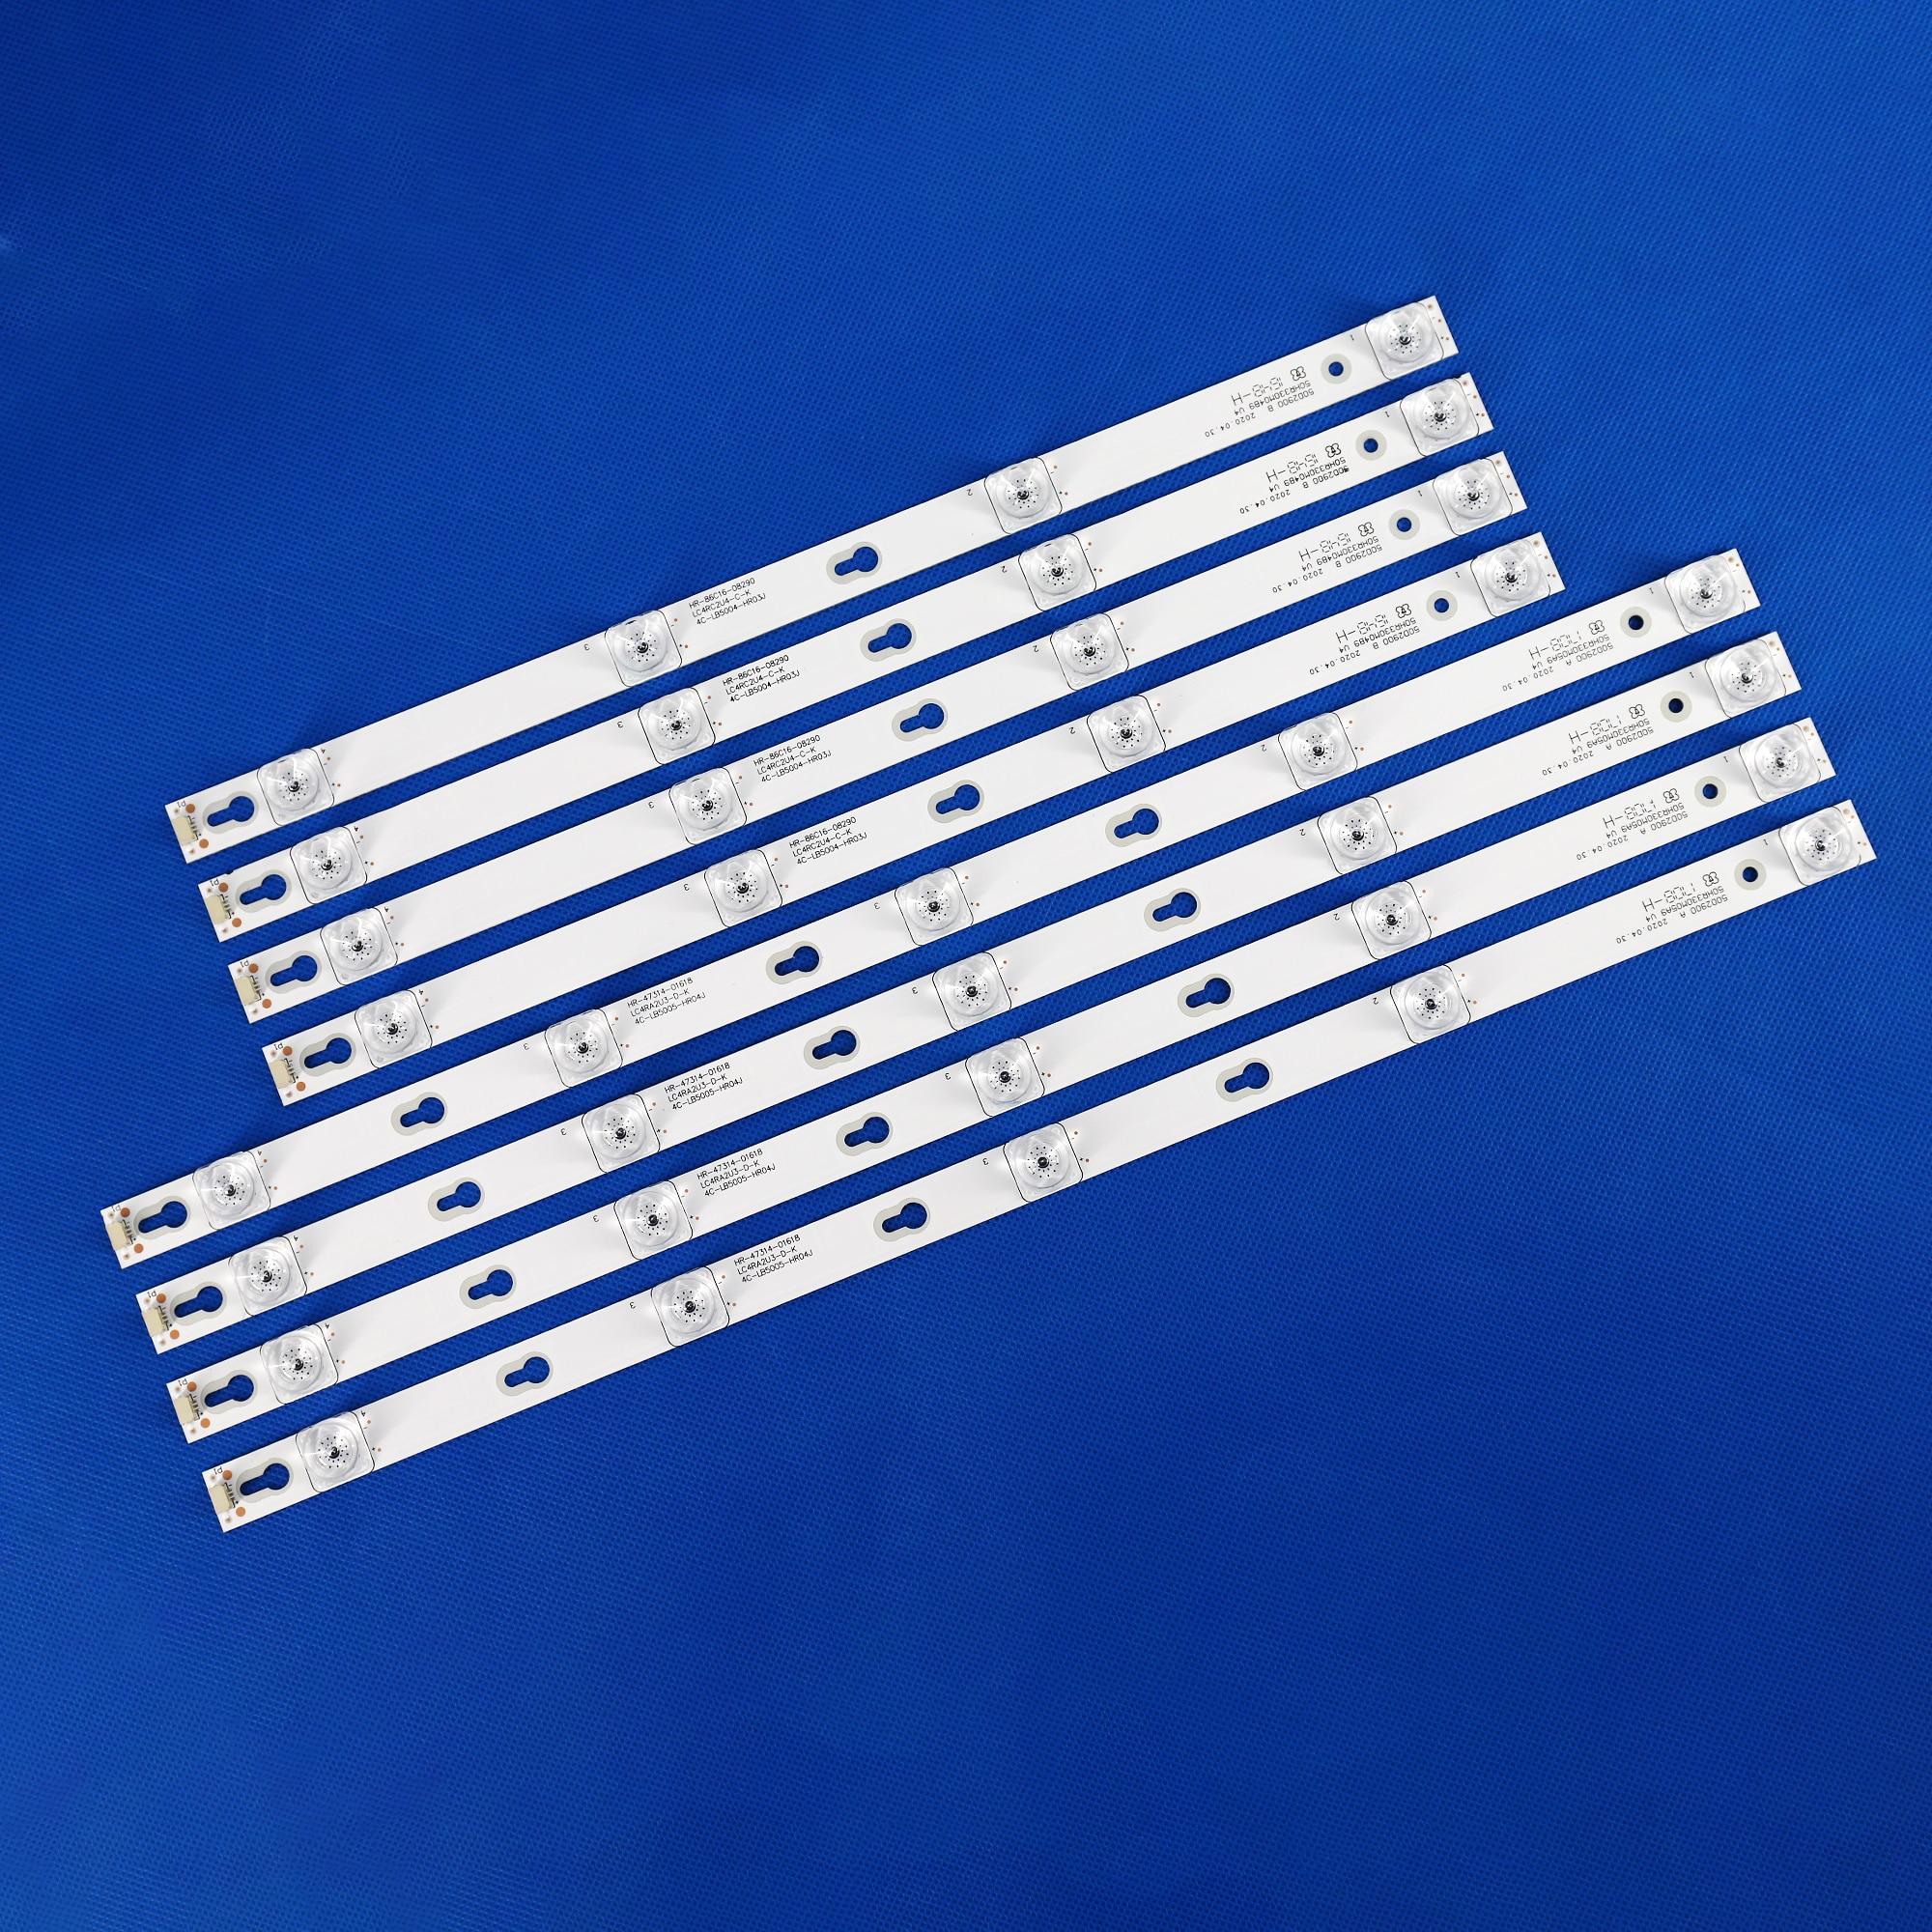 8 قطعة/المجموعة جديد 4c-lb5005-hr03j 4c-lb5004 tcl lcd شريط إضاءة خلفي d50a630u L50E5800A-UD D50A810 D50A630U L50P2-UD 50D2900 4C-LB5005